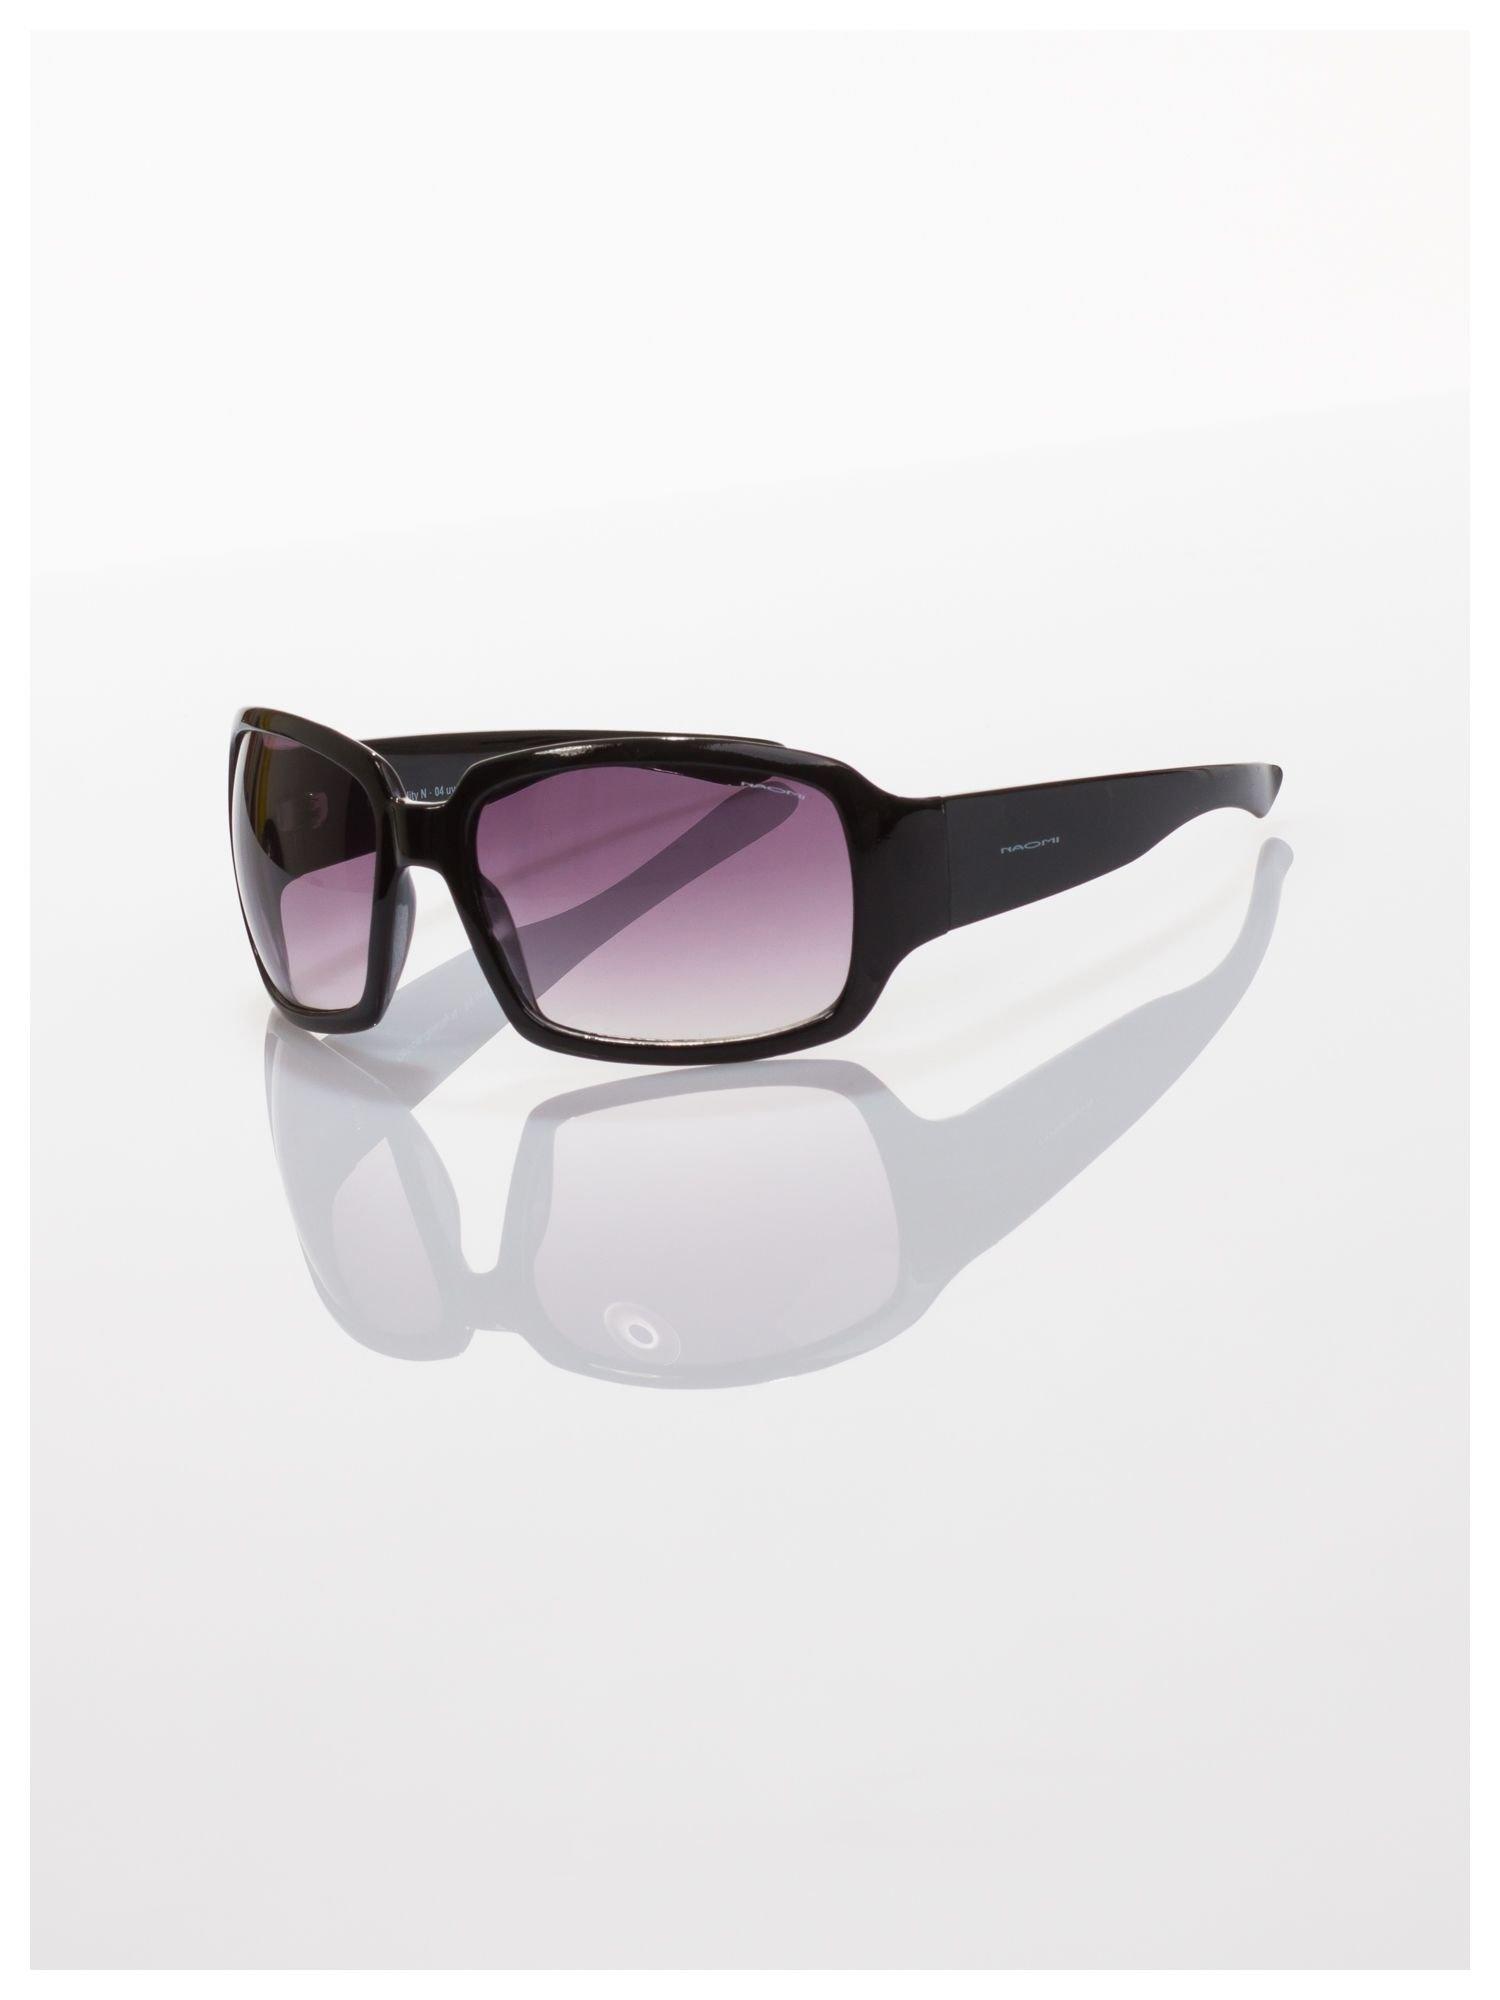 Czarne okulary przeciwsłoneczne dobrze eliminujące refleksy świetlne                                  zdj.                                  2